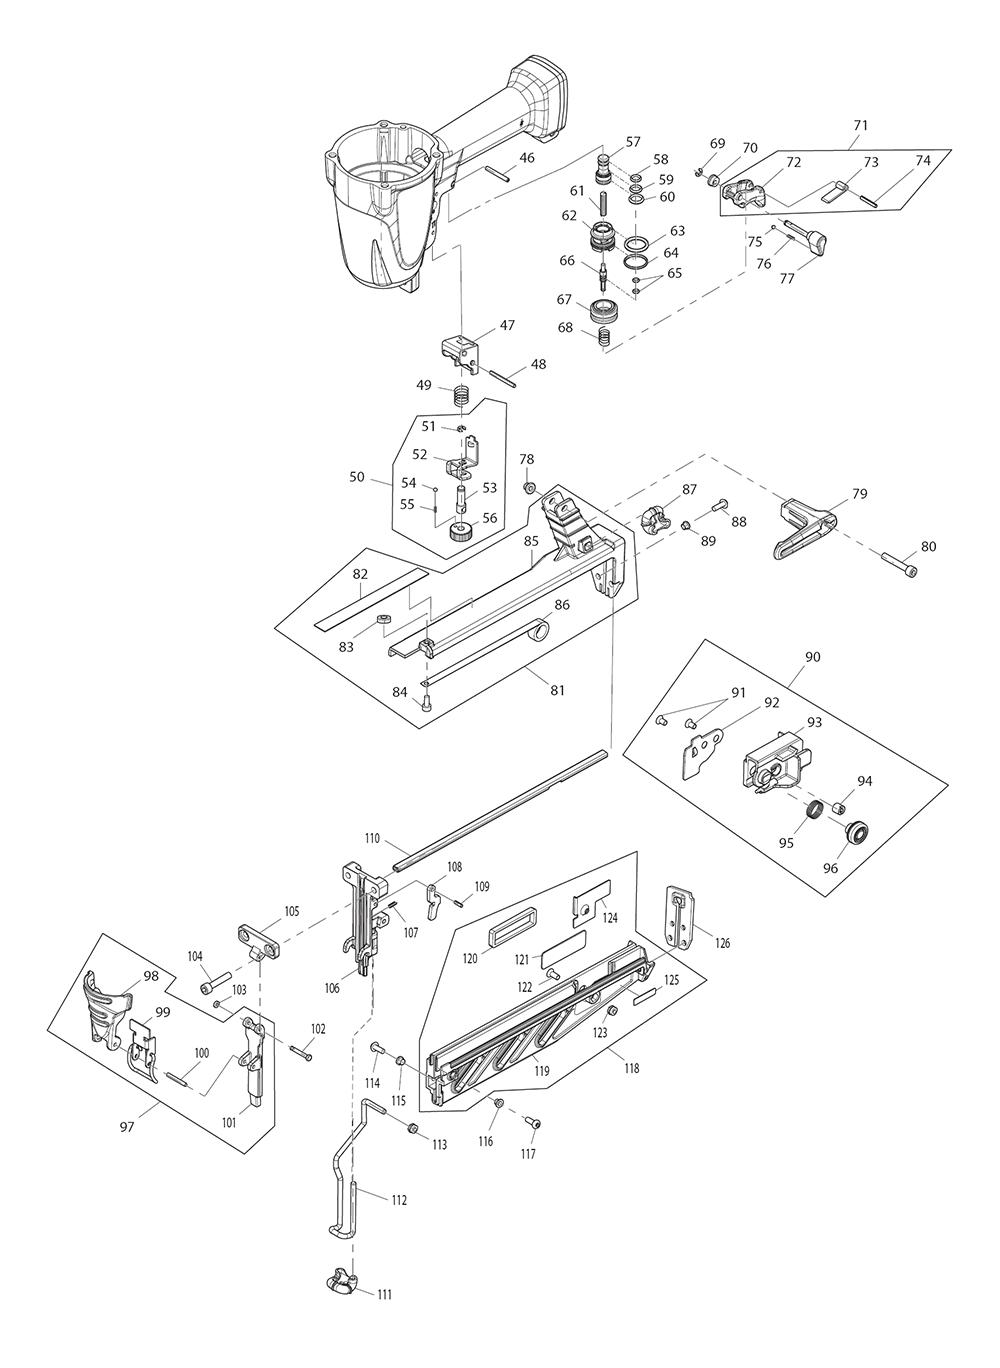 AF601-Makita-PB-1Break Down